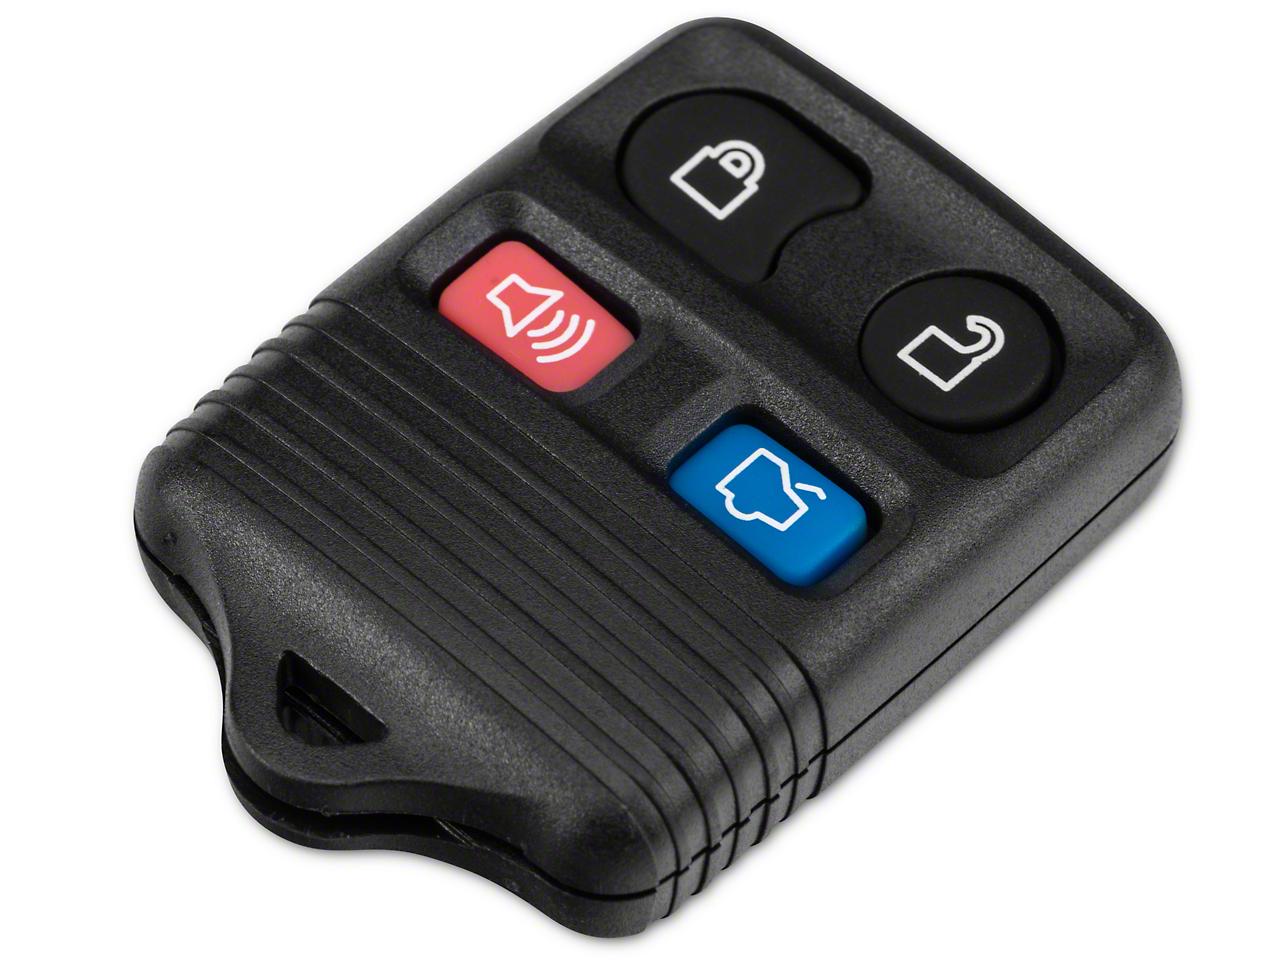 OPR Keyless Entry Remote Case w/ Key Pad (99-09 All)